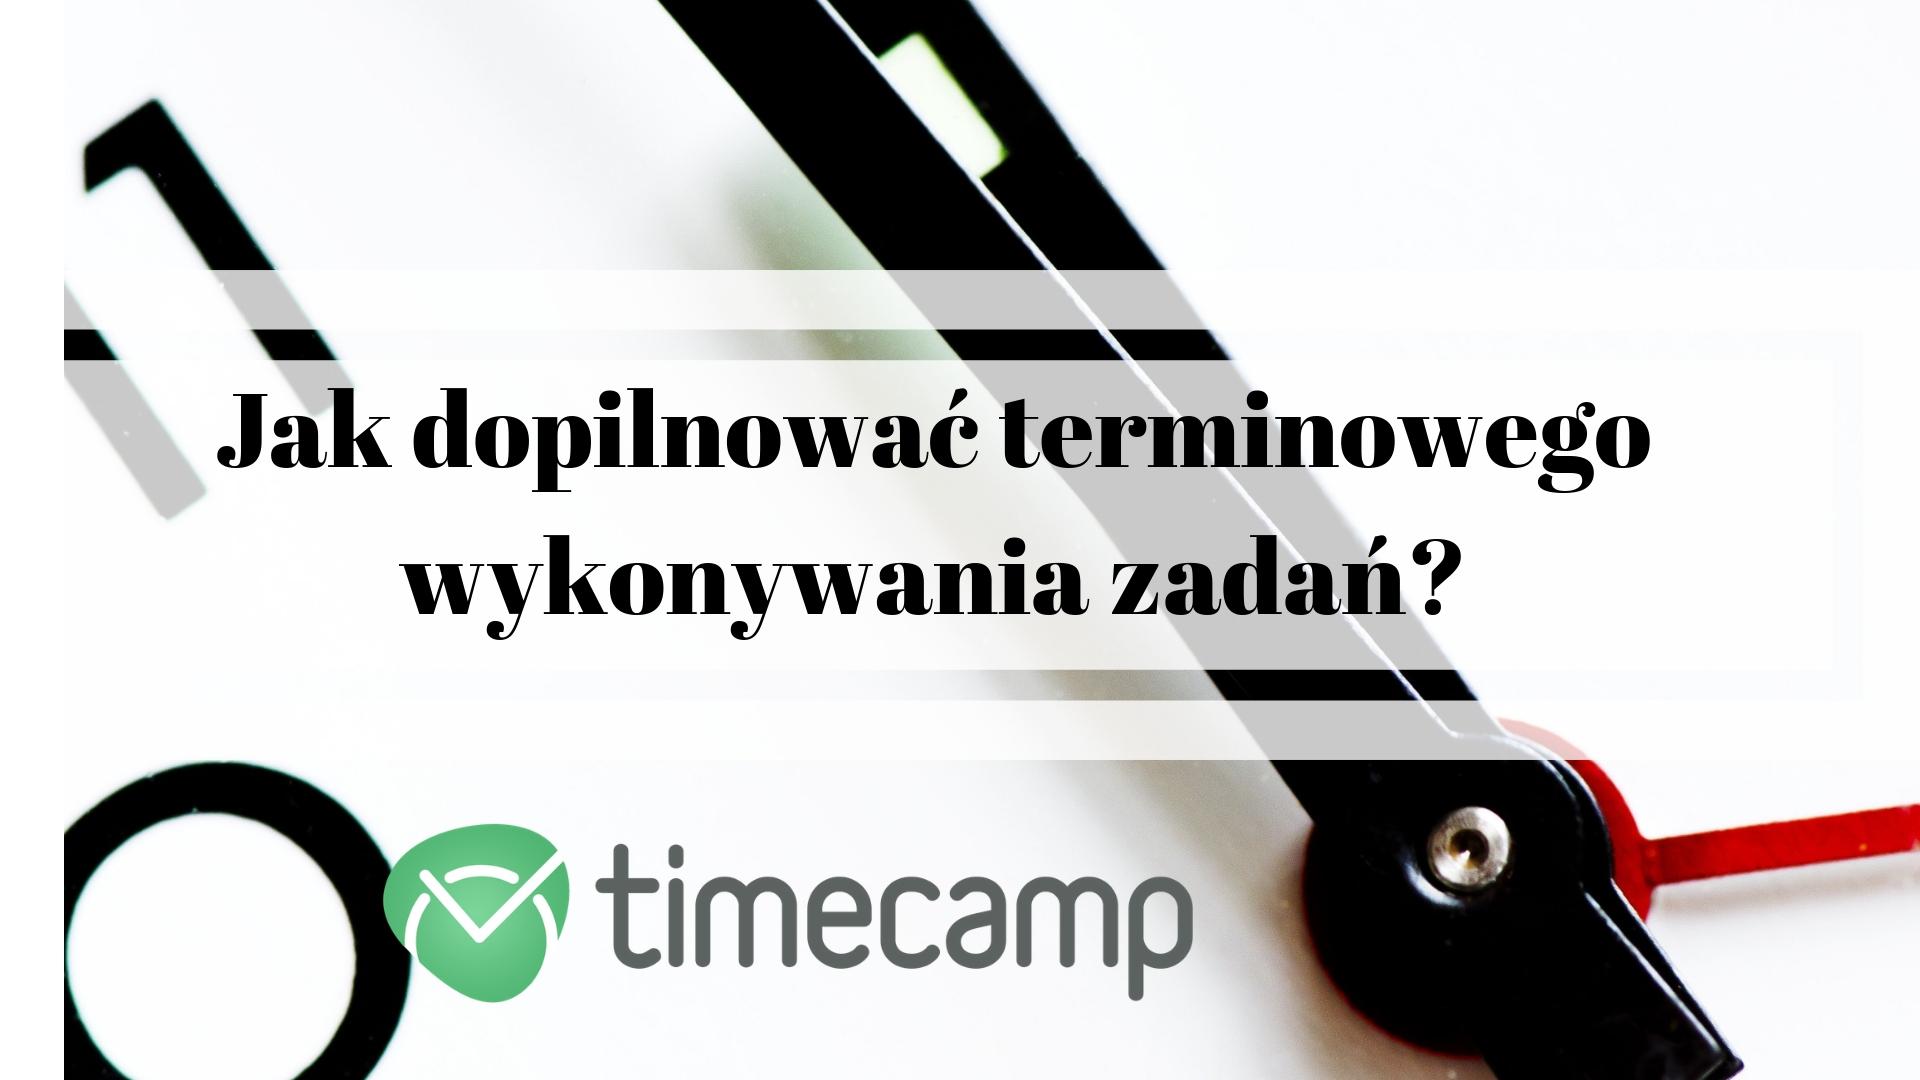 Jak dopilnować terminowego wykonywania zadań?